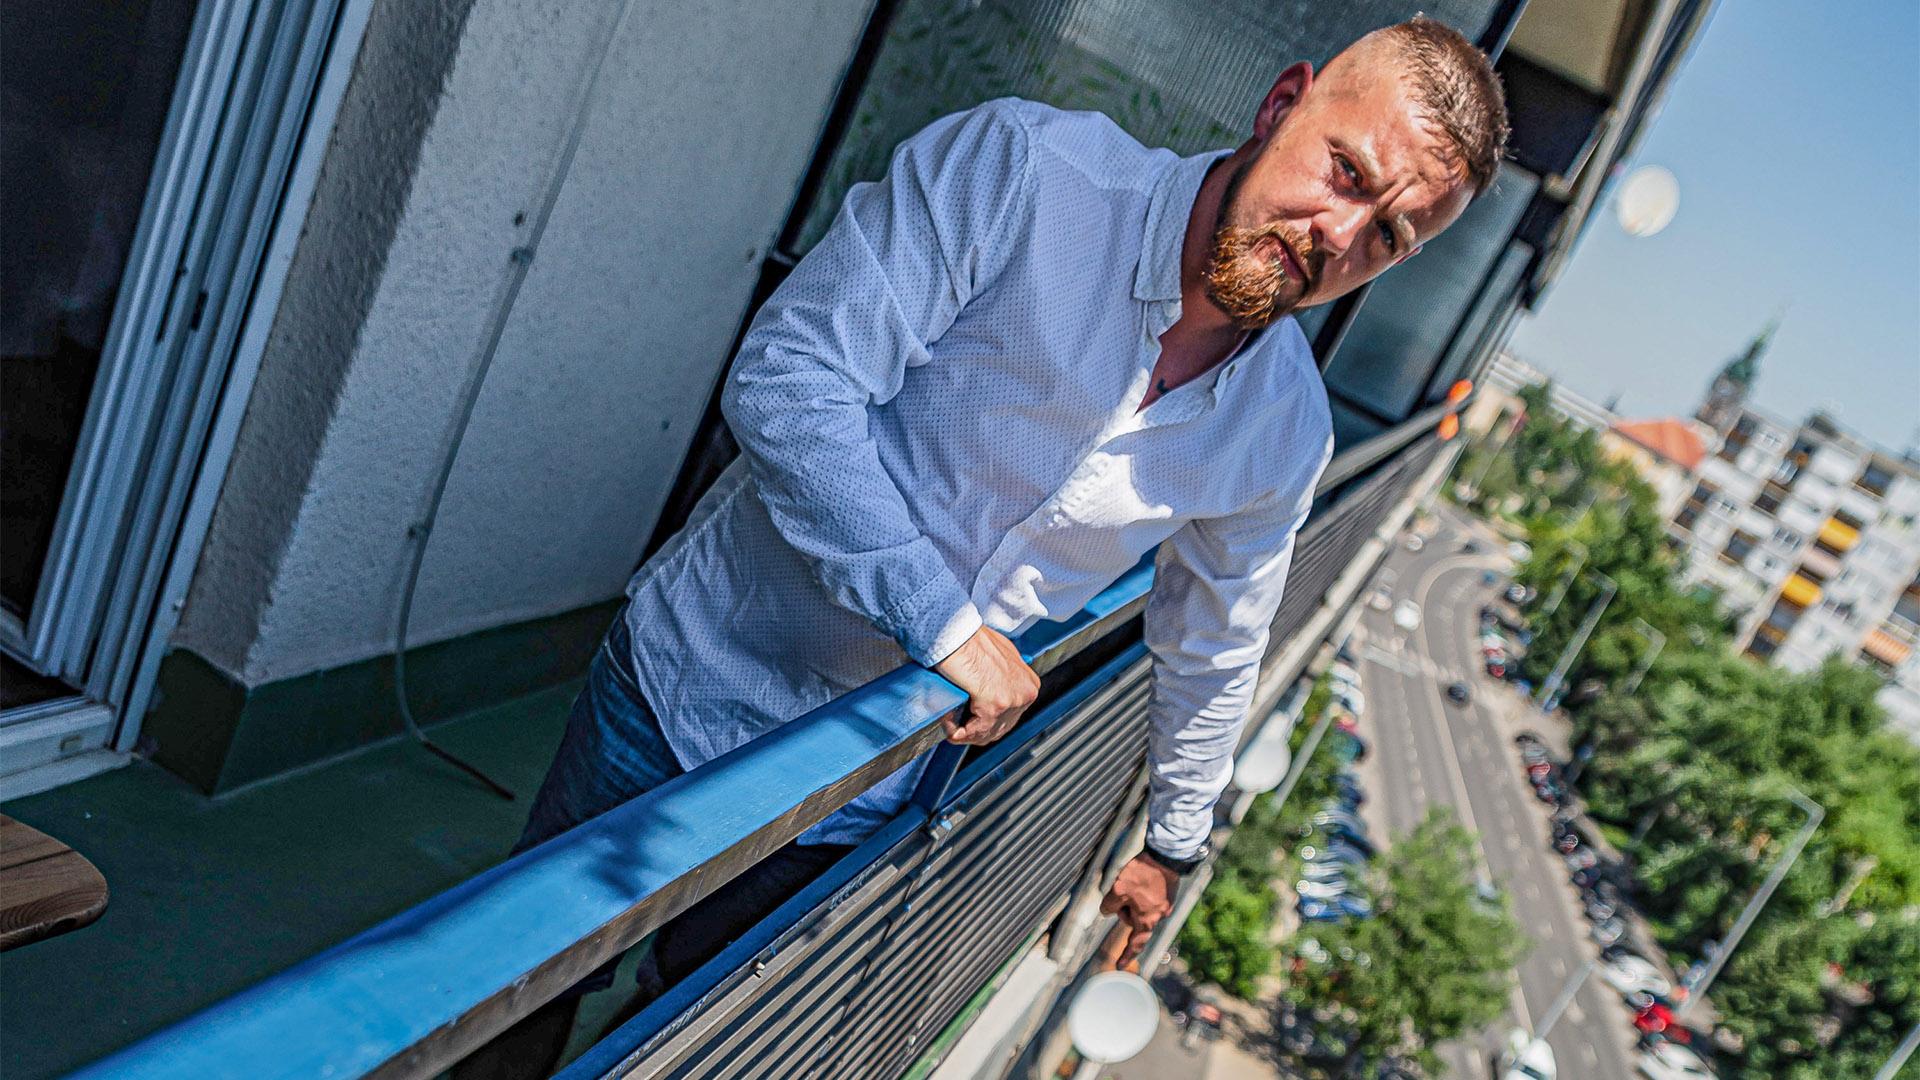 ájulás artistamutatvány debreczeni csilla életfunkció életmentés életmentő kaland életveszély félelemérzet honvédség mentő pókember török márk béla tűzszerész honvéd